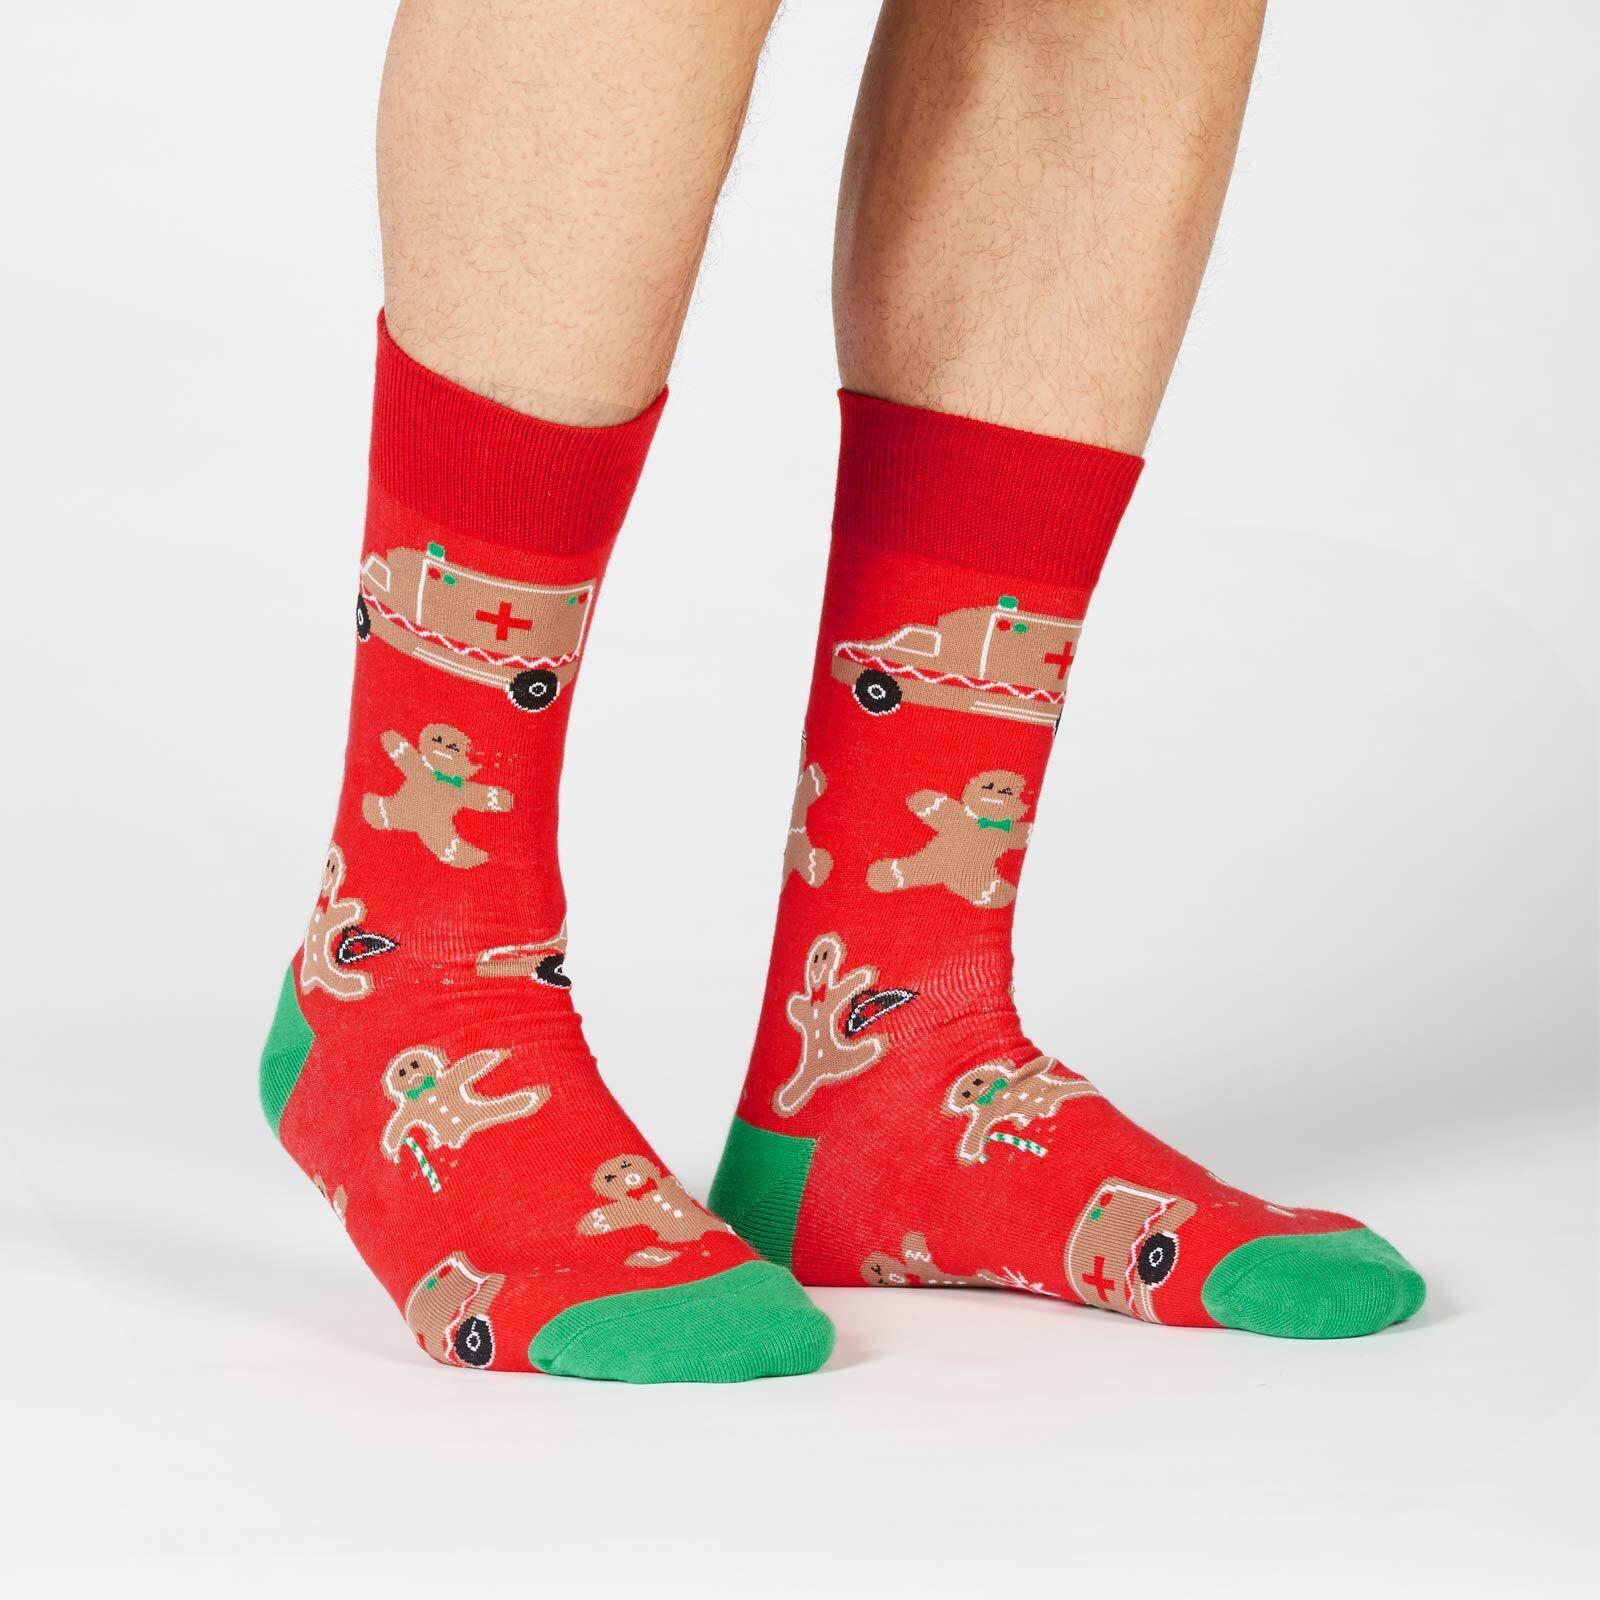 model wearing Break a Leg - Funny Gingerbread Cookie Crew Socks Red - Men's